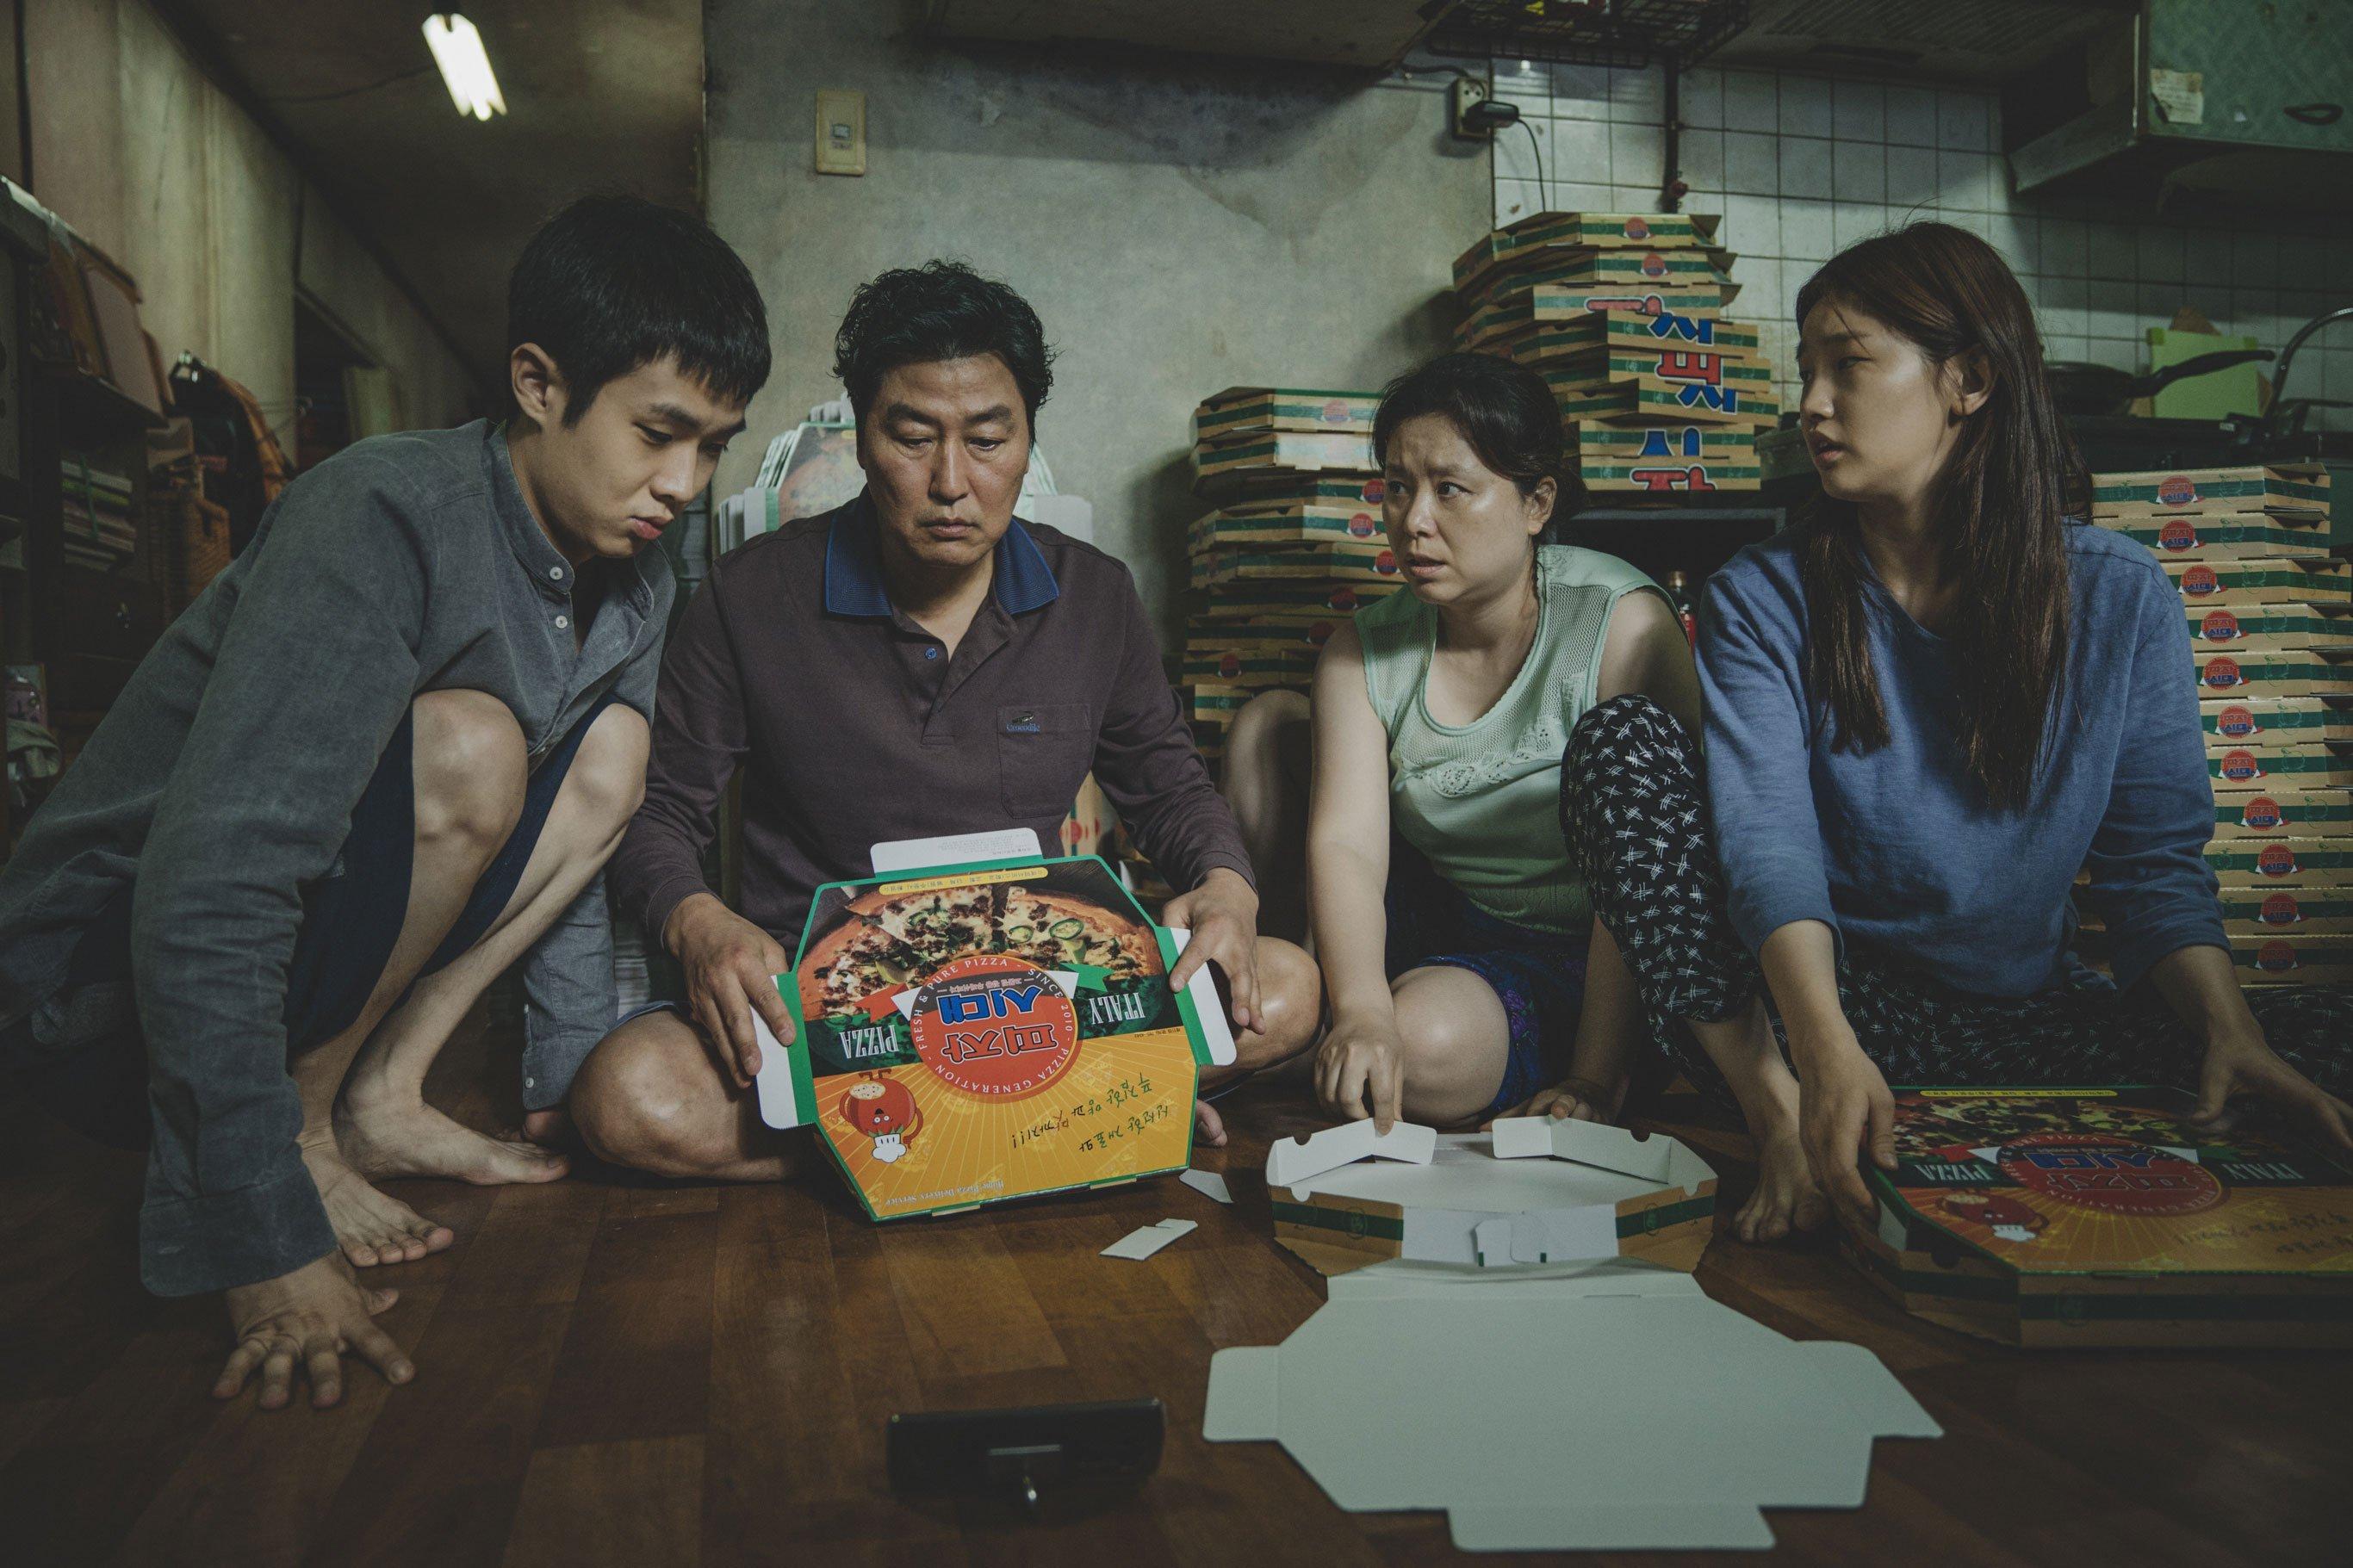 Kang-ho Song, Jang Hye-Jin, Choi Woo-sik, and Park So-dam in Gisaengchung (2019)